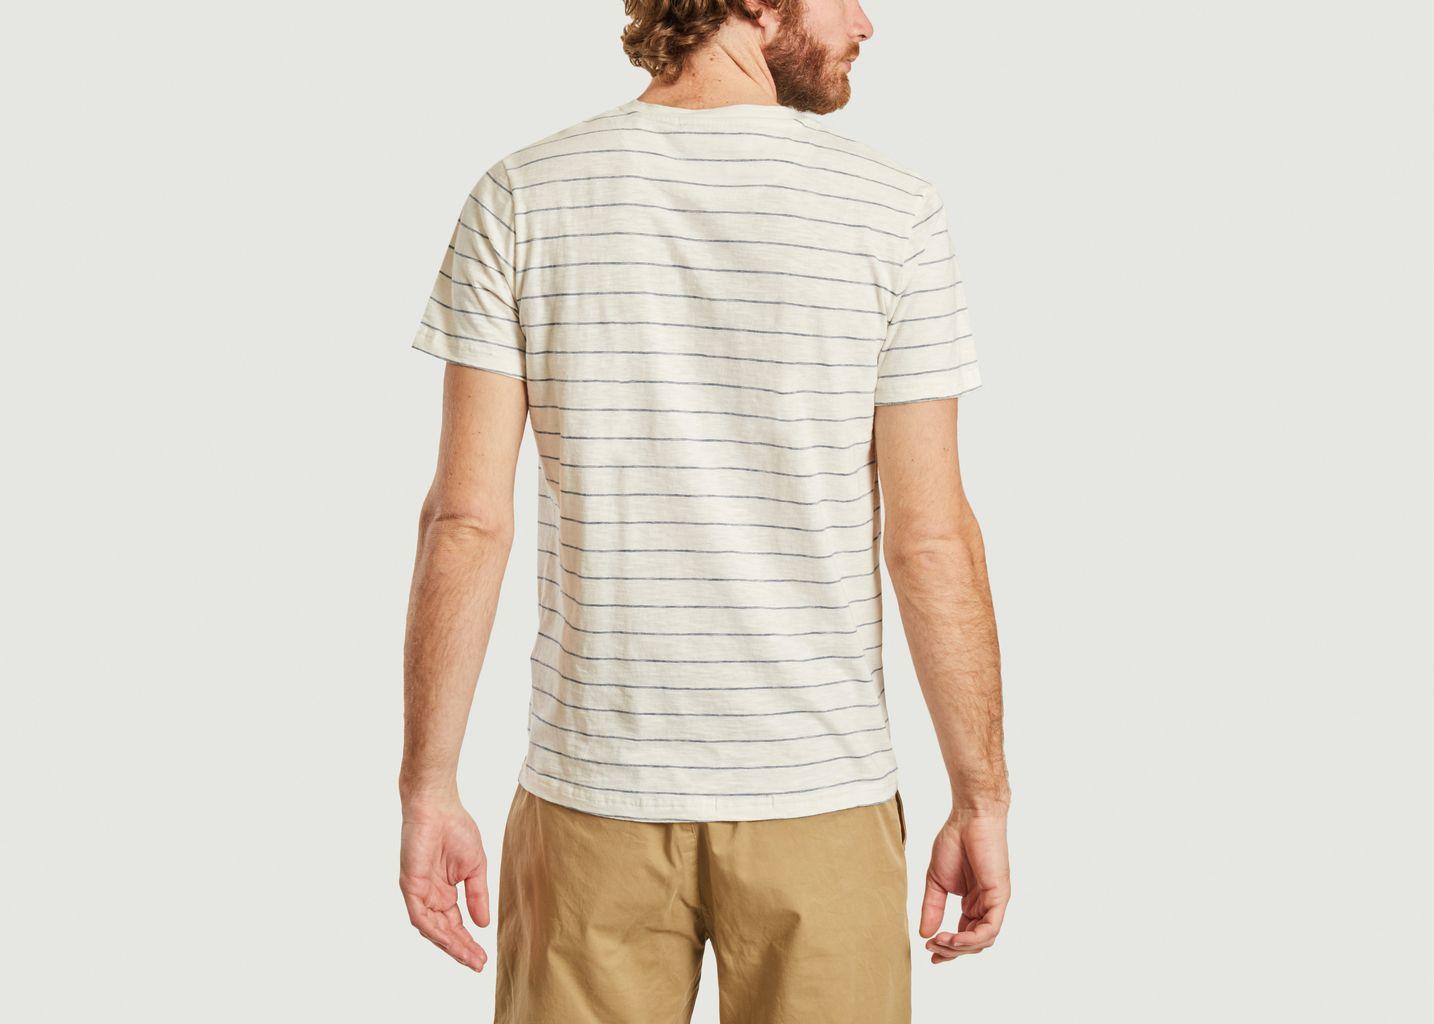 T-shirt Bernie - SUIT